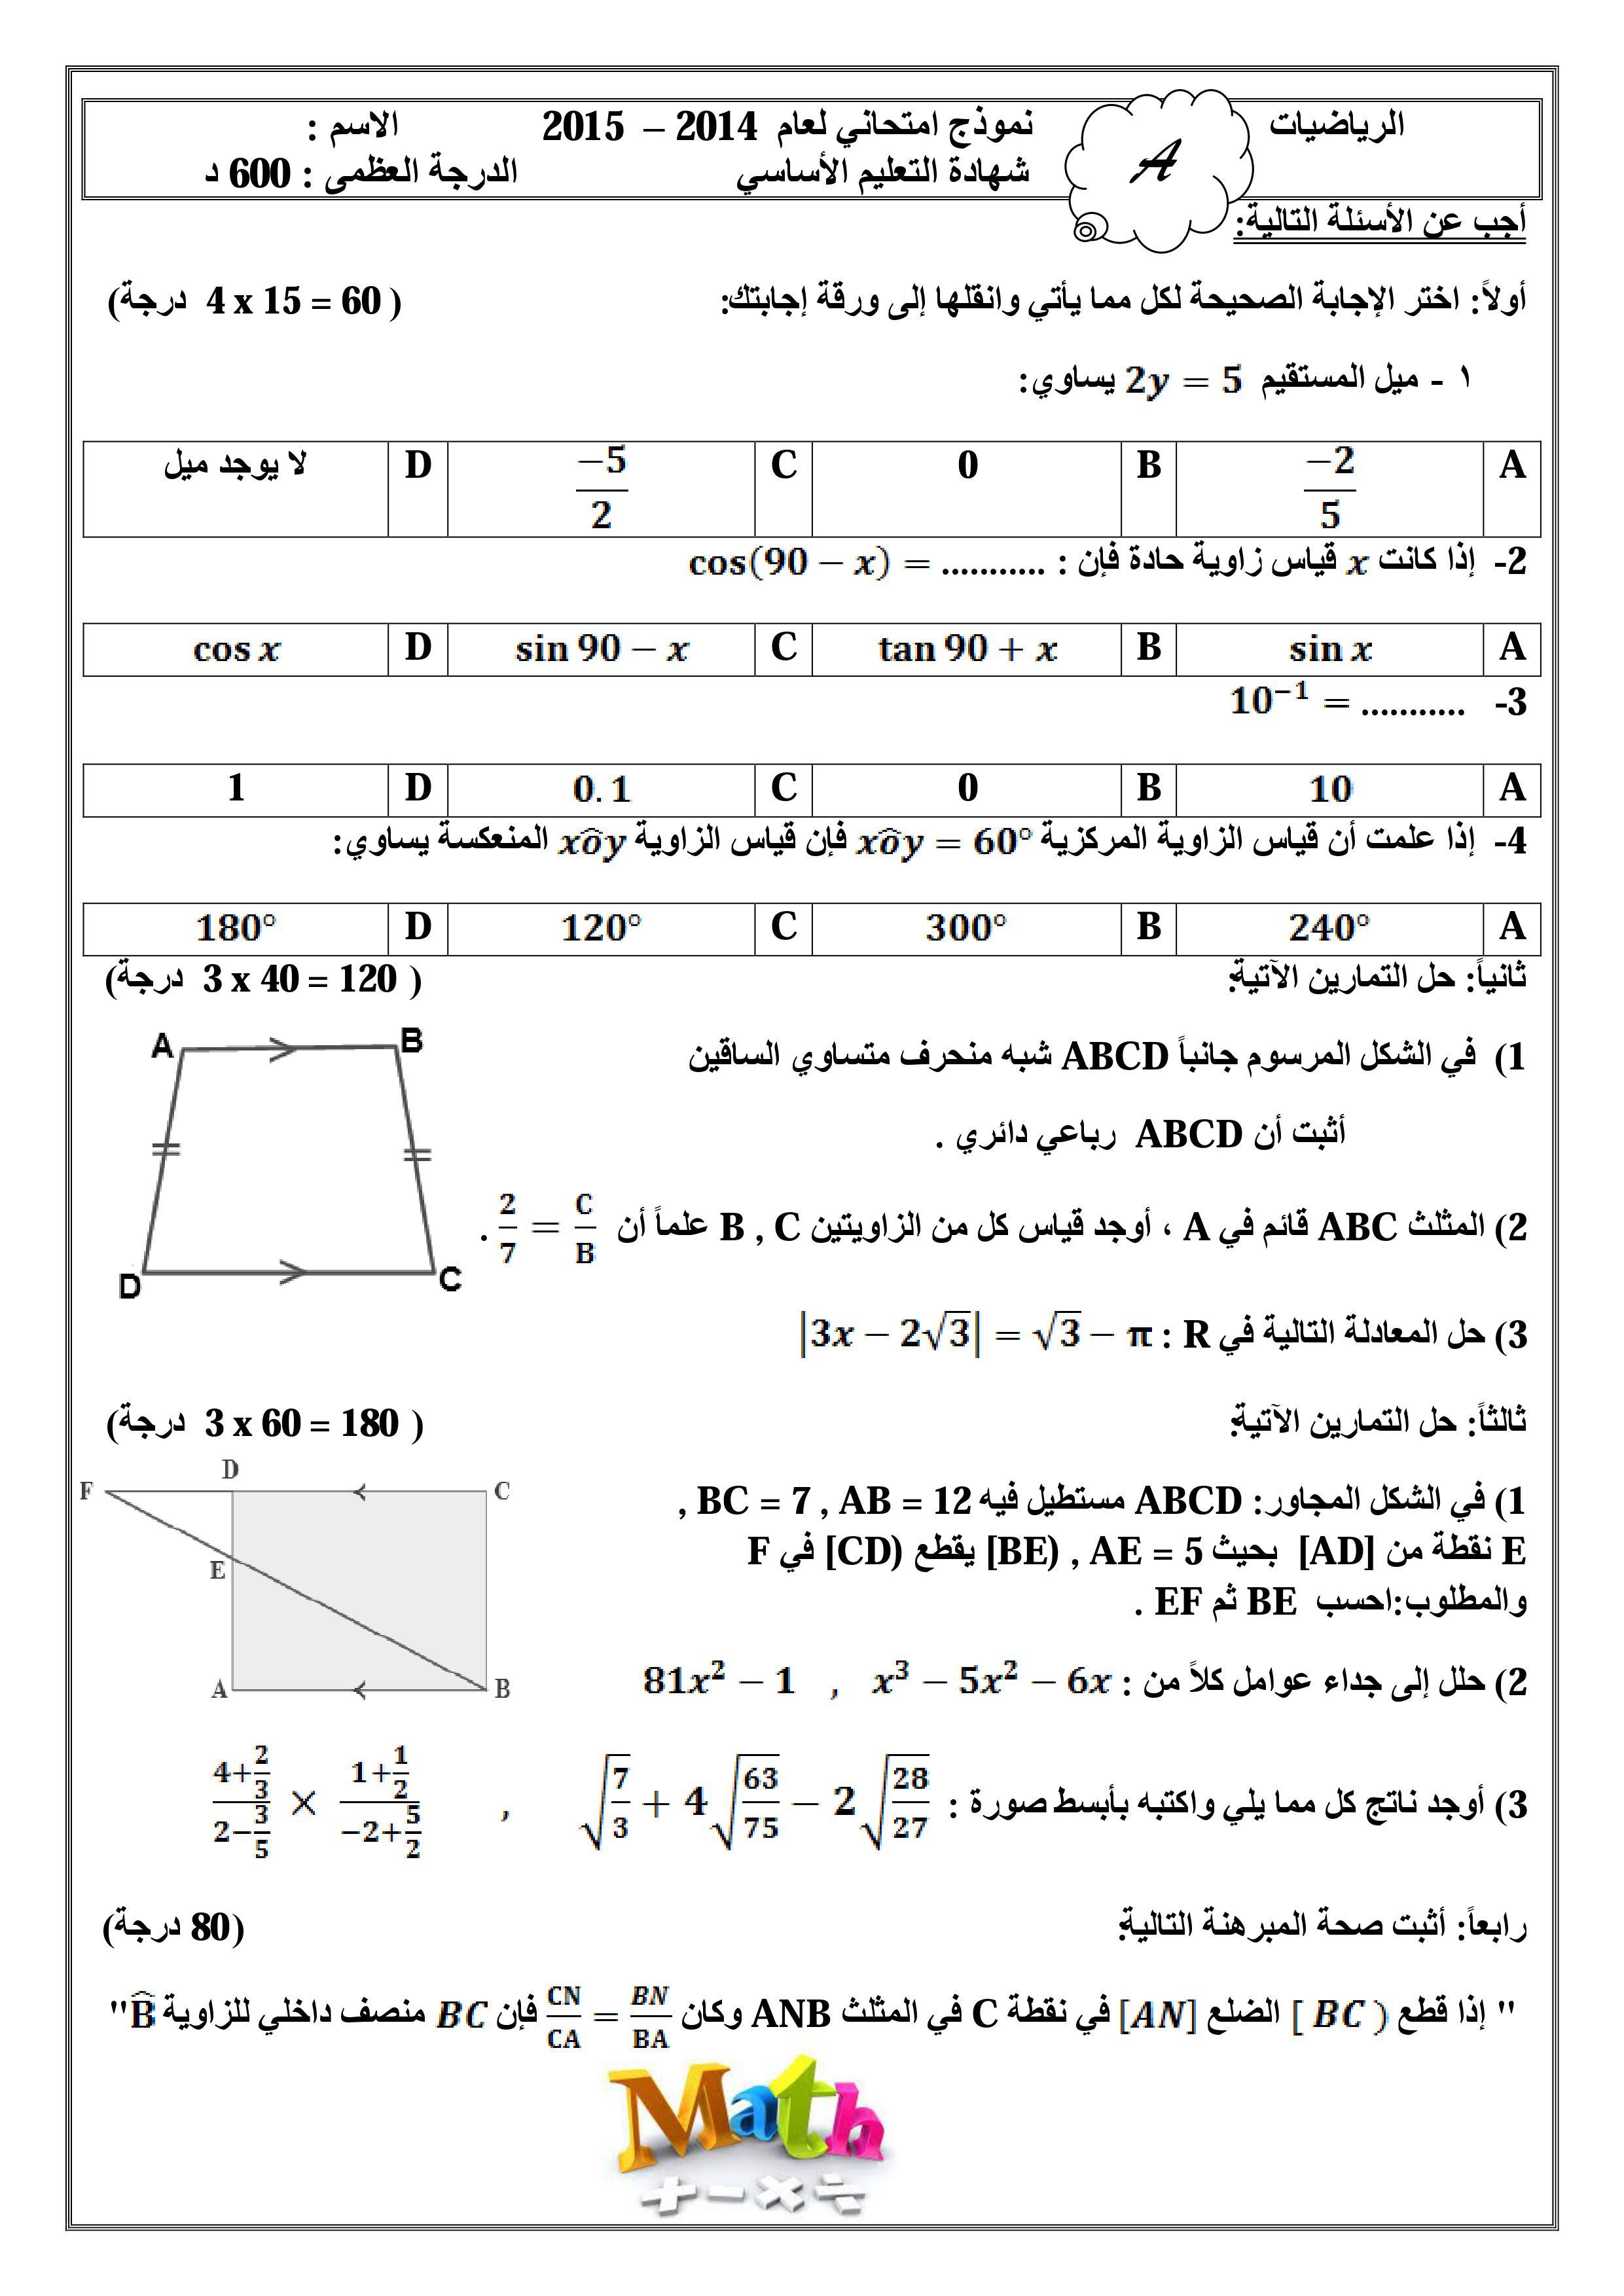 نماذج و حلول امتحان الرياضيات الصف التاسع المنهاج السوري 1463774551611.jpg